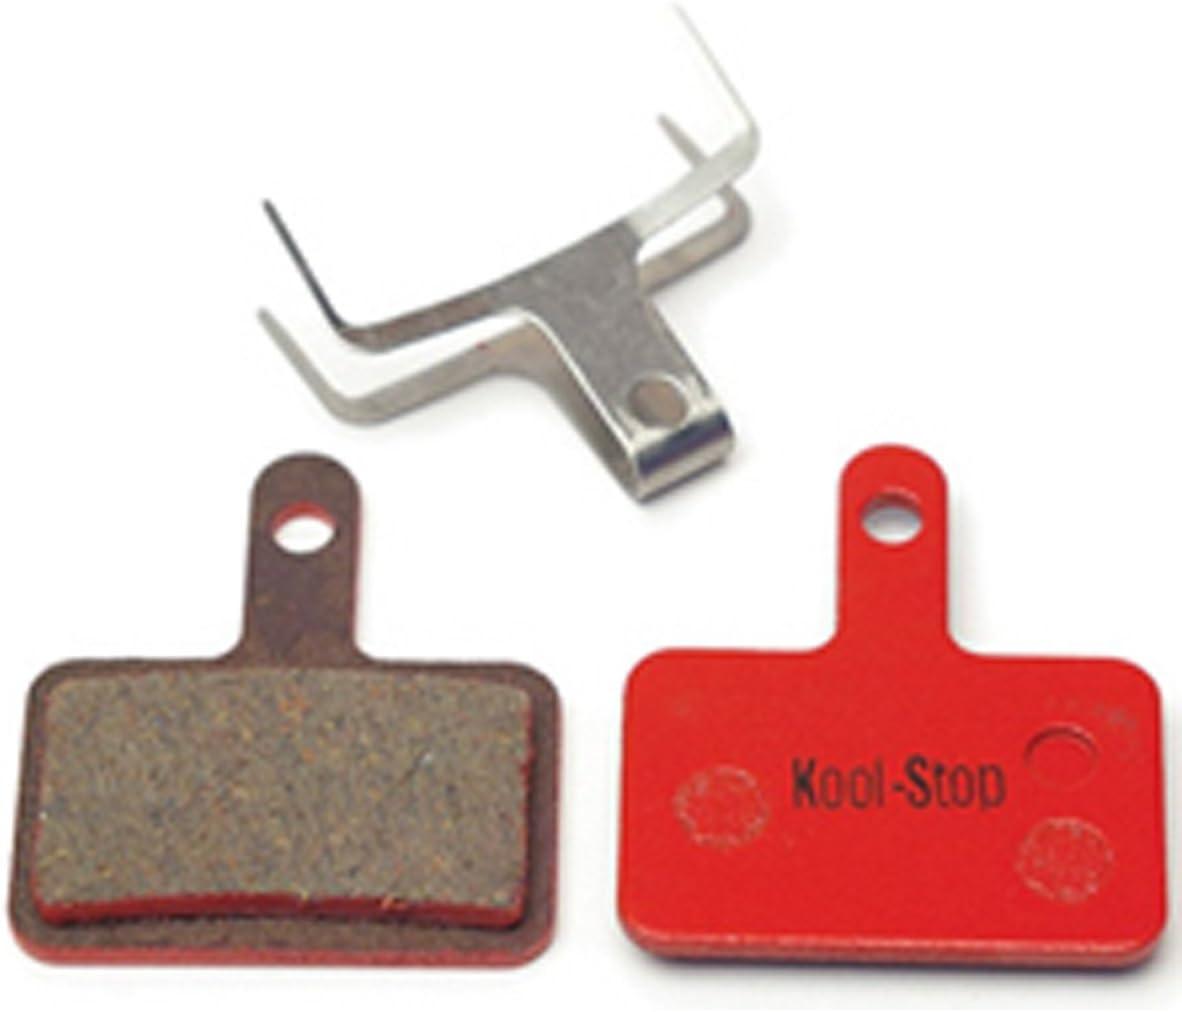 NEW Kool-Stop Disc Brake Pad for Shimano Deore M525